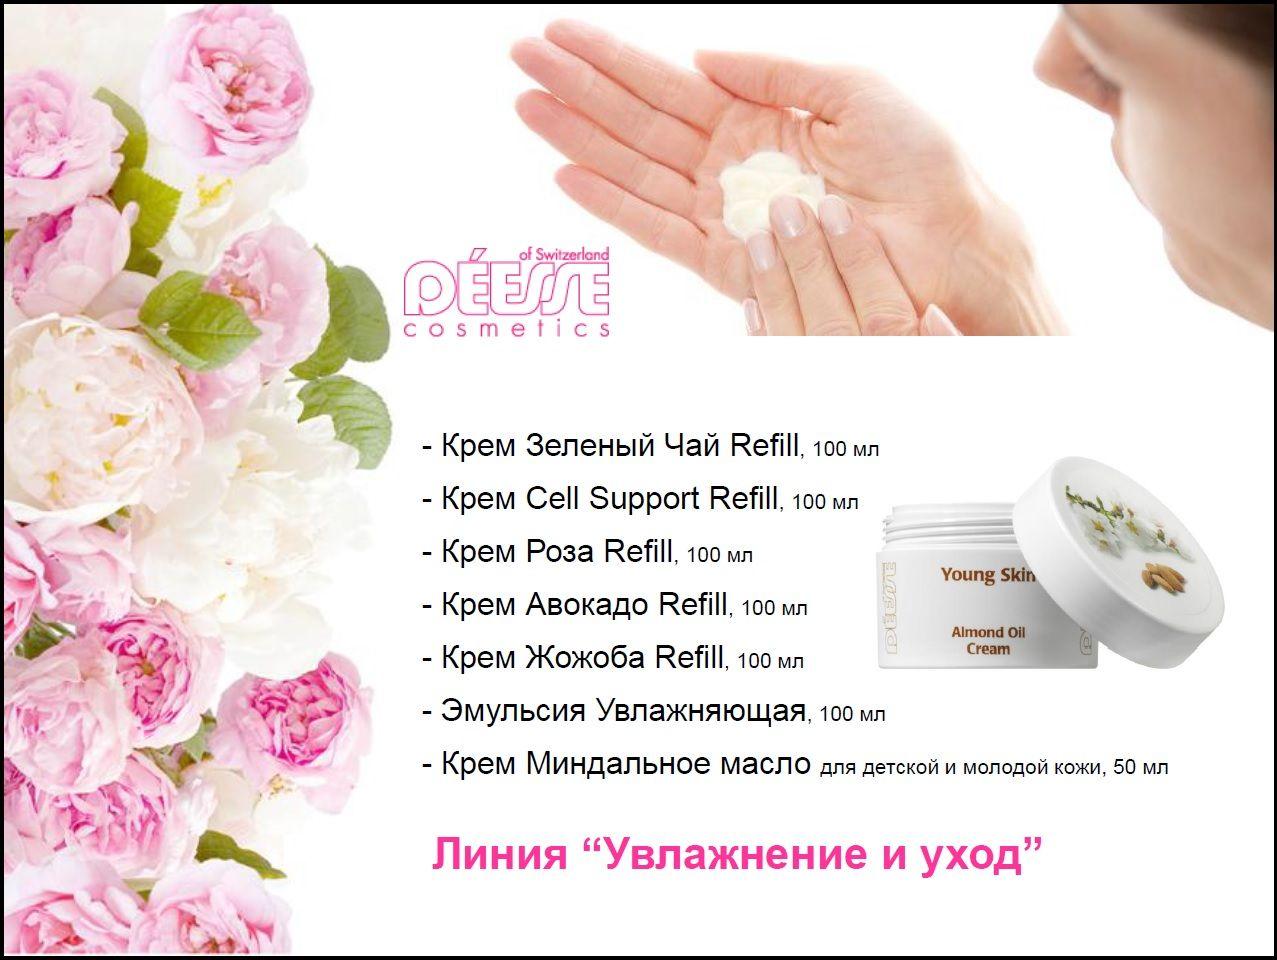 купить косметику deesse в москве